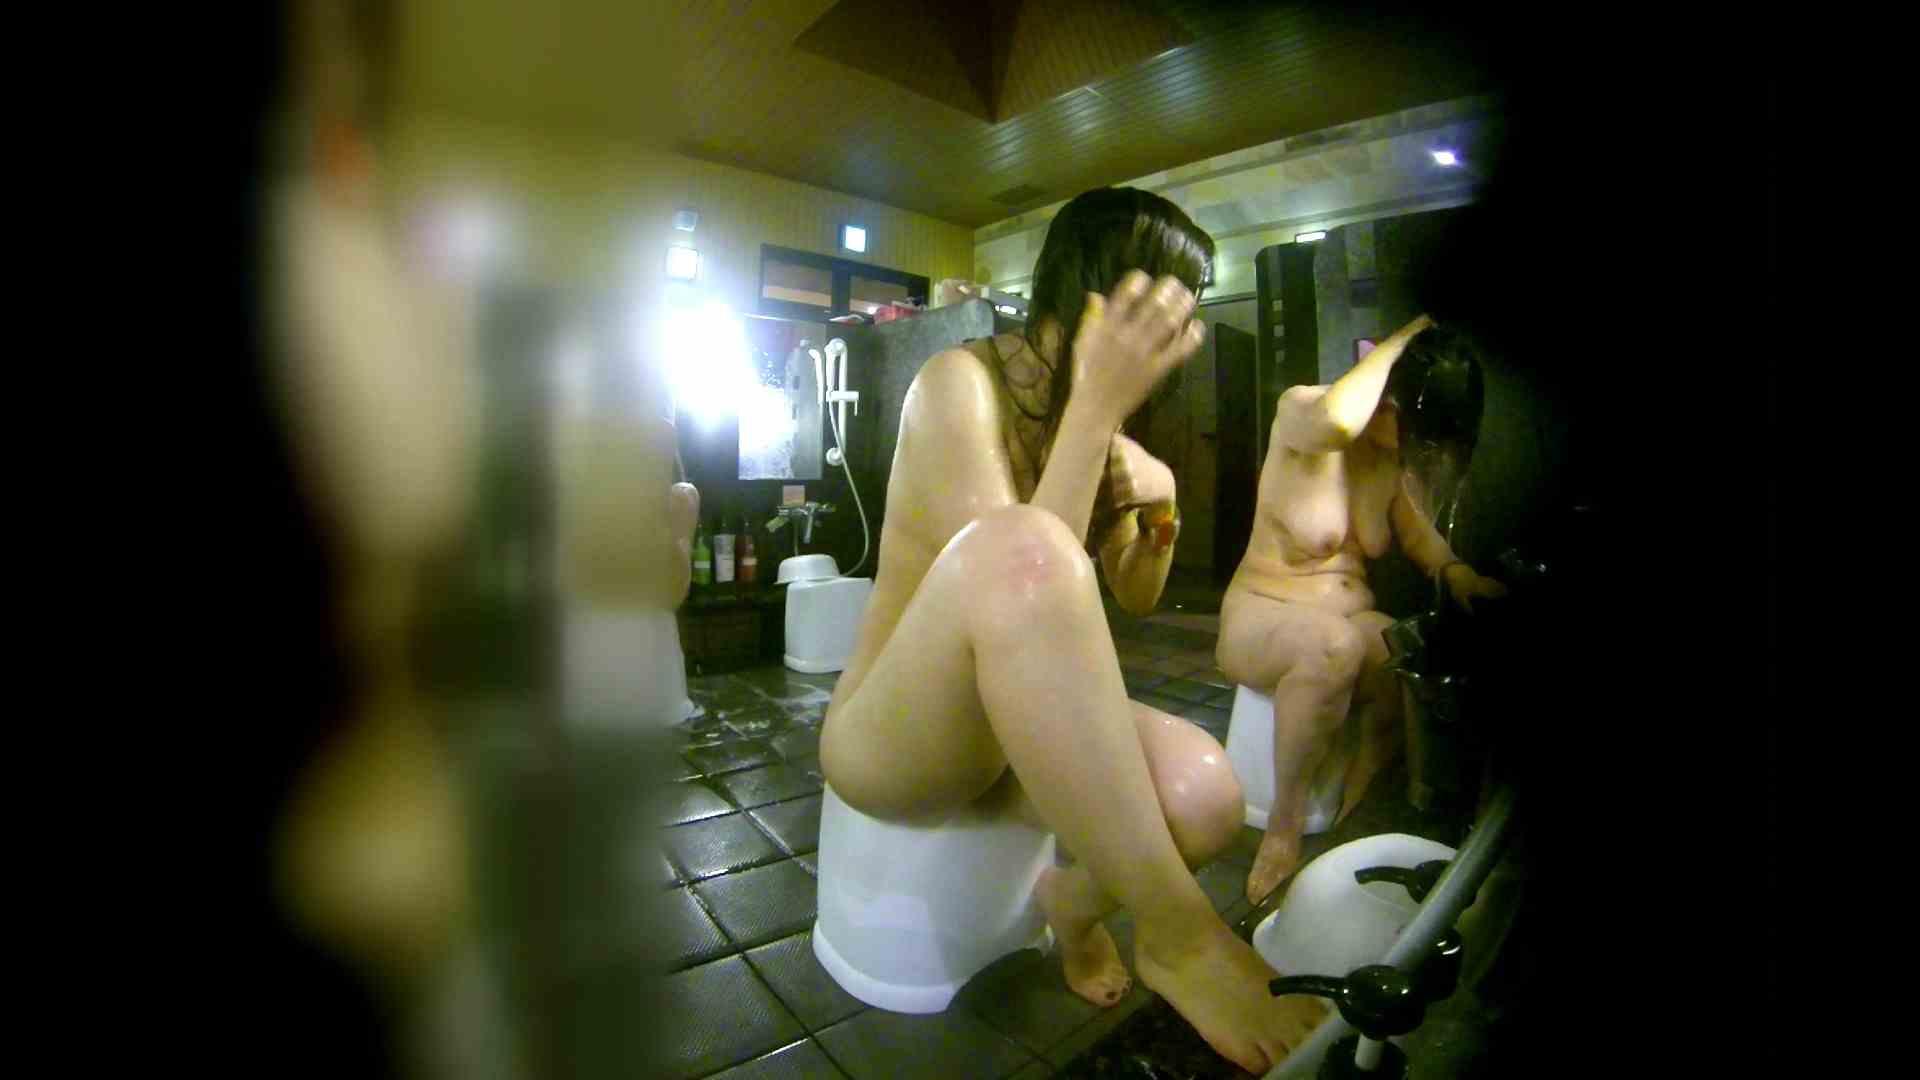 洗い場!右足の位置がいいですね。陰毛もっさり! 美乳 性交動画流出 107枚 32